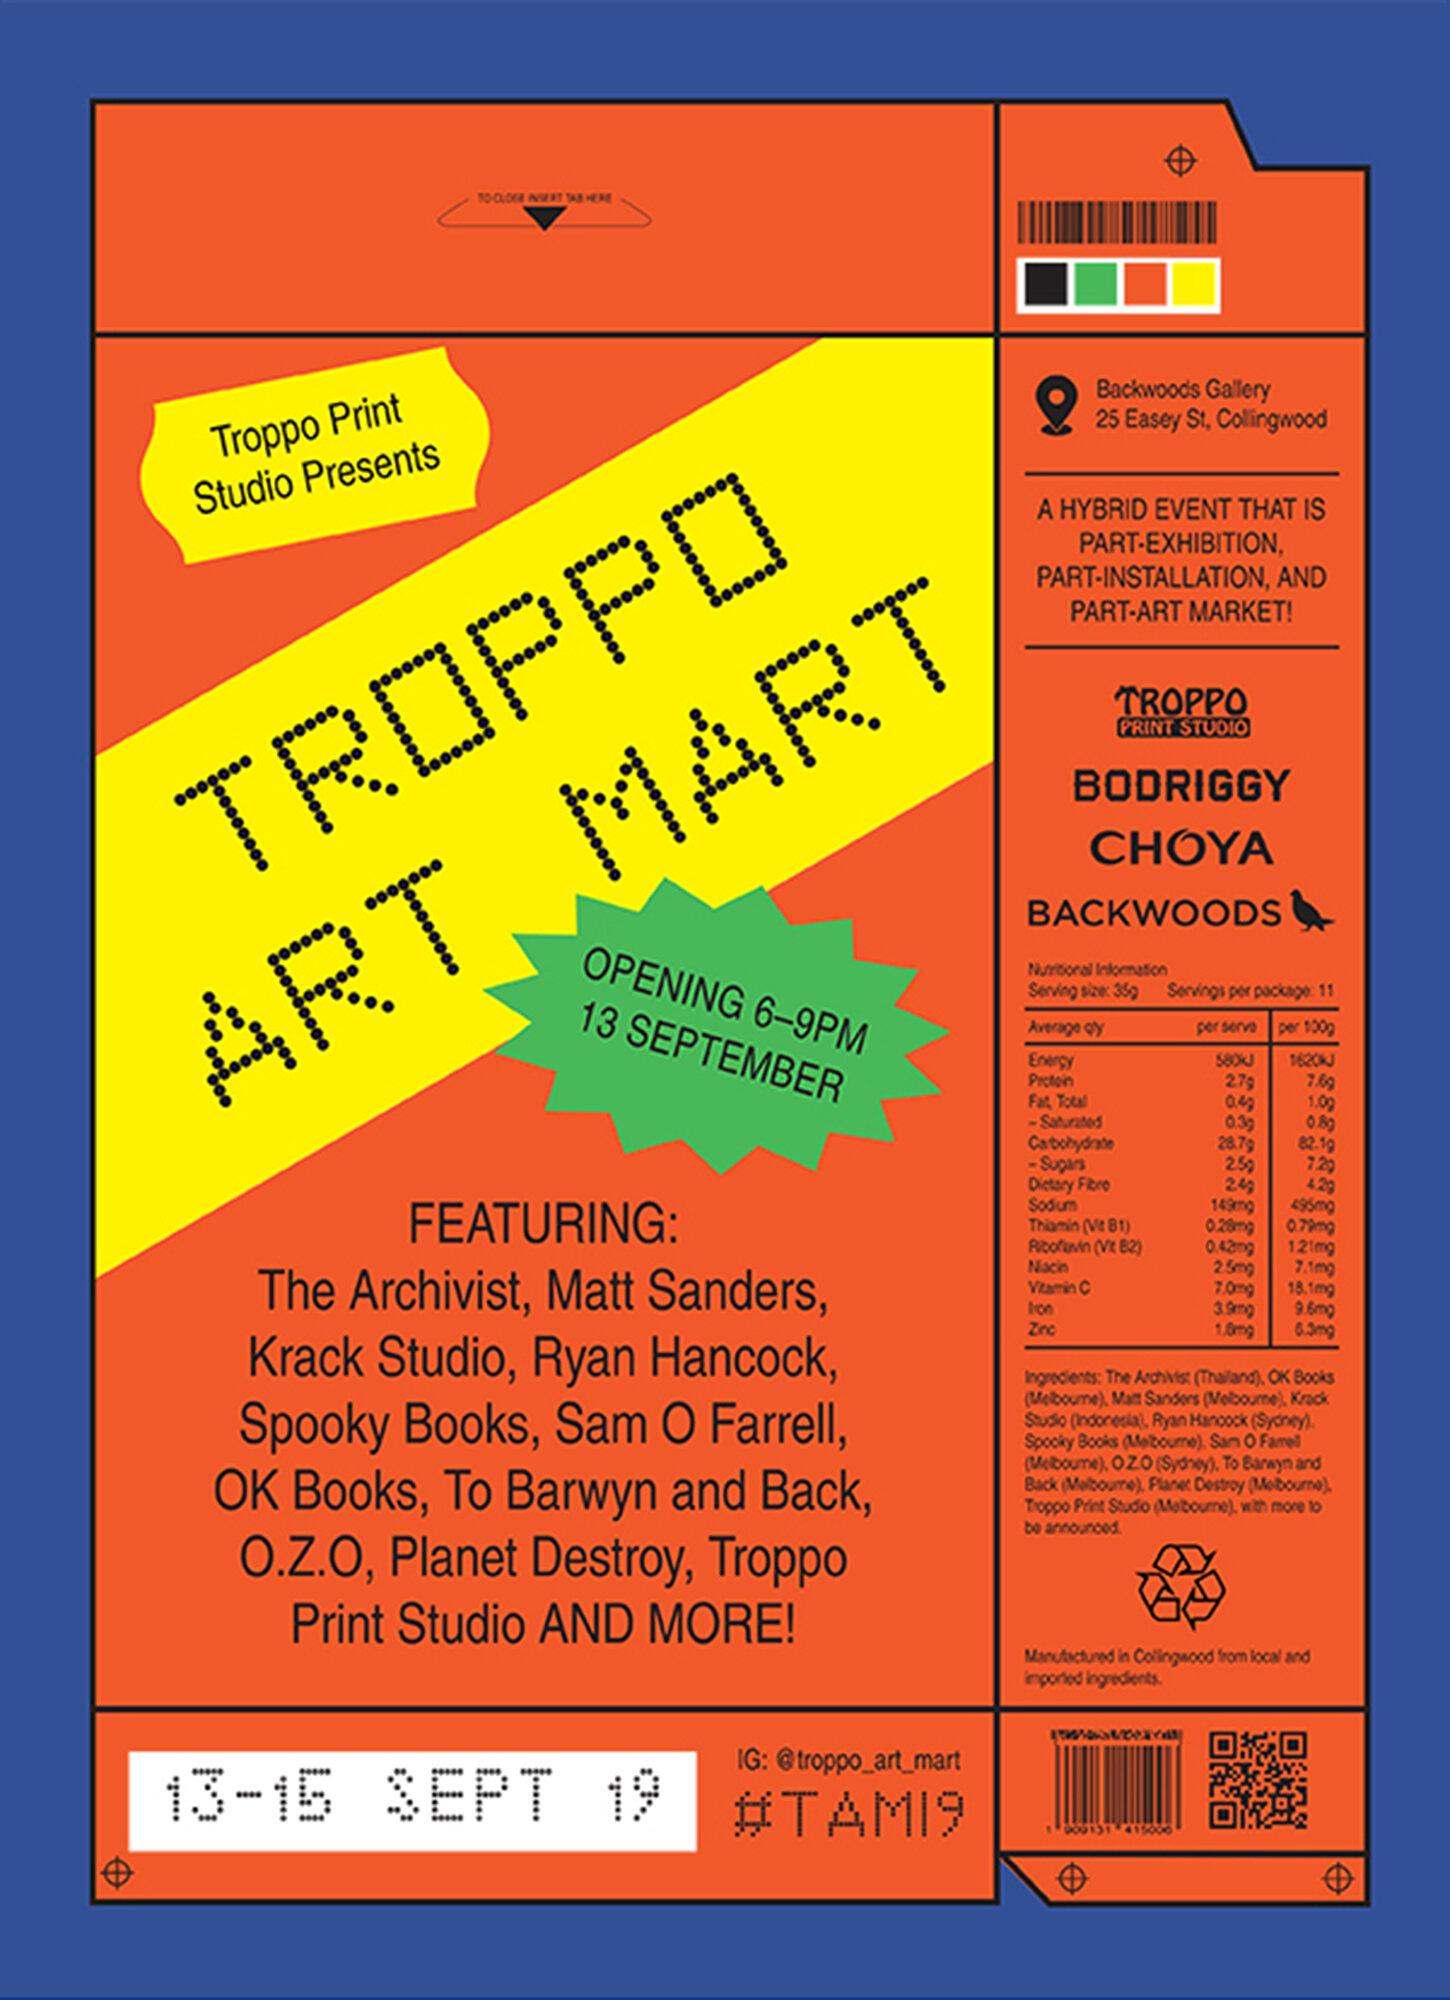 Troppo Art Mart - Opening Sept 13-15